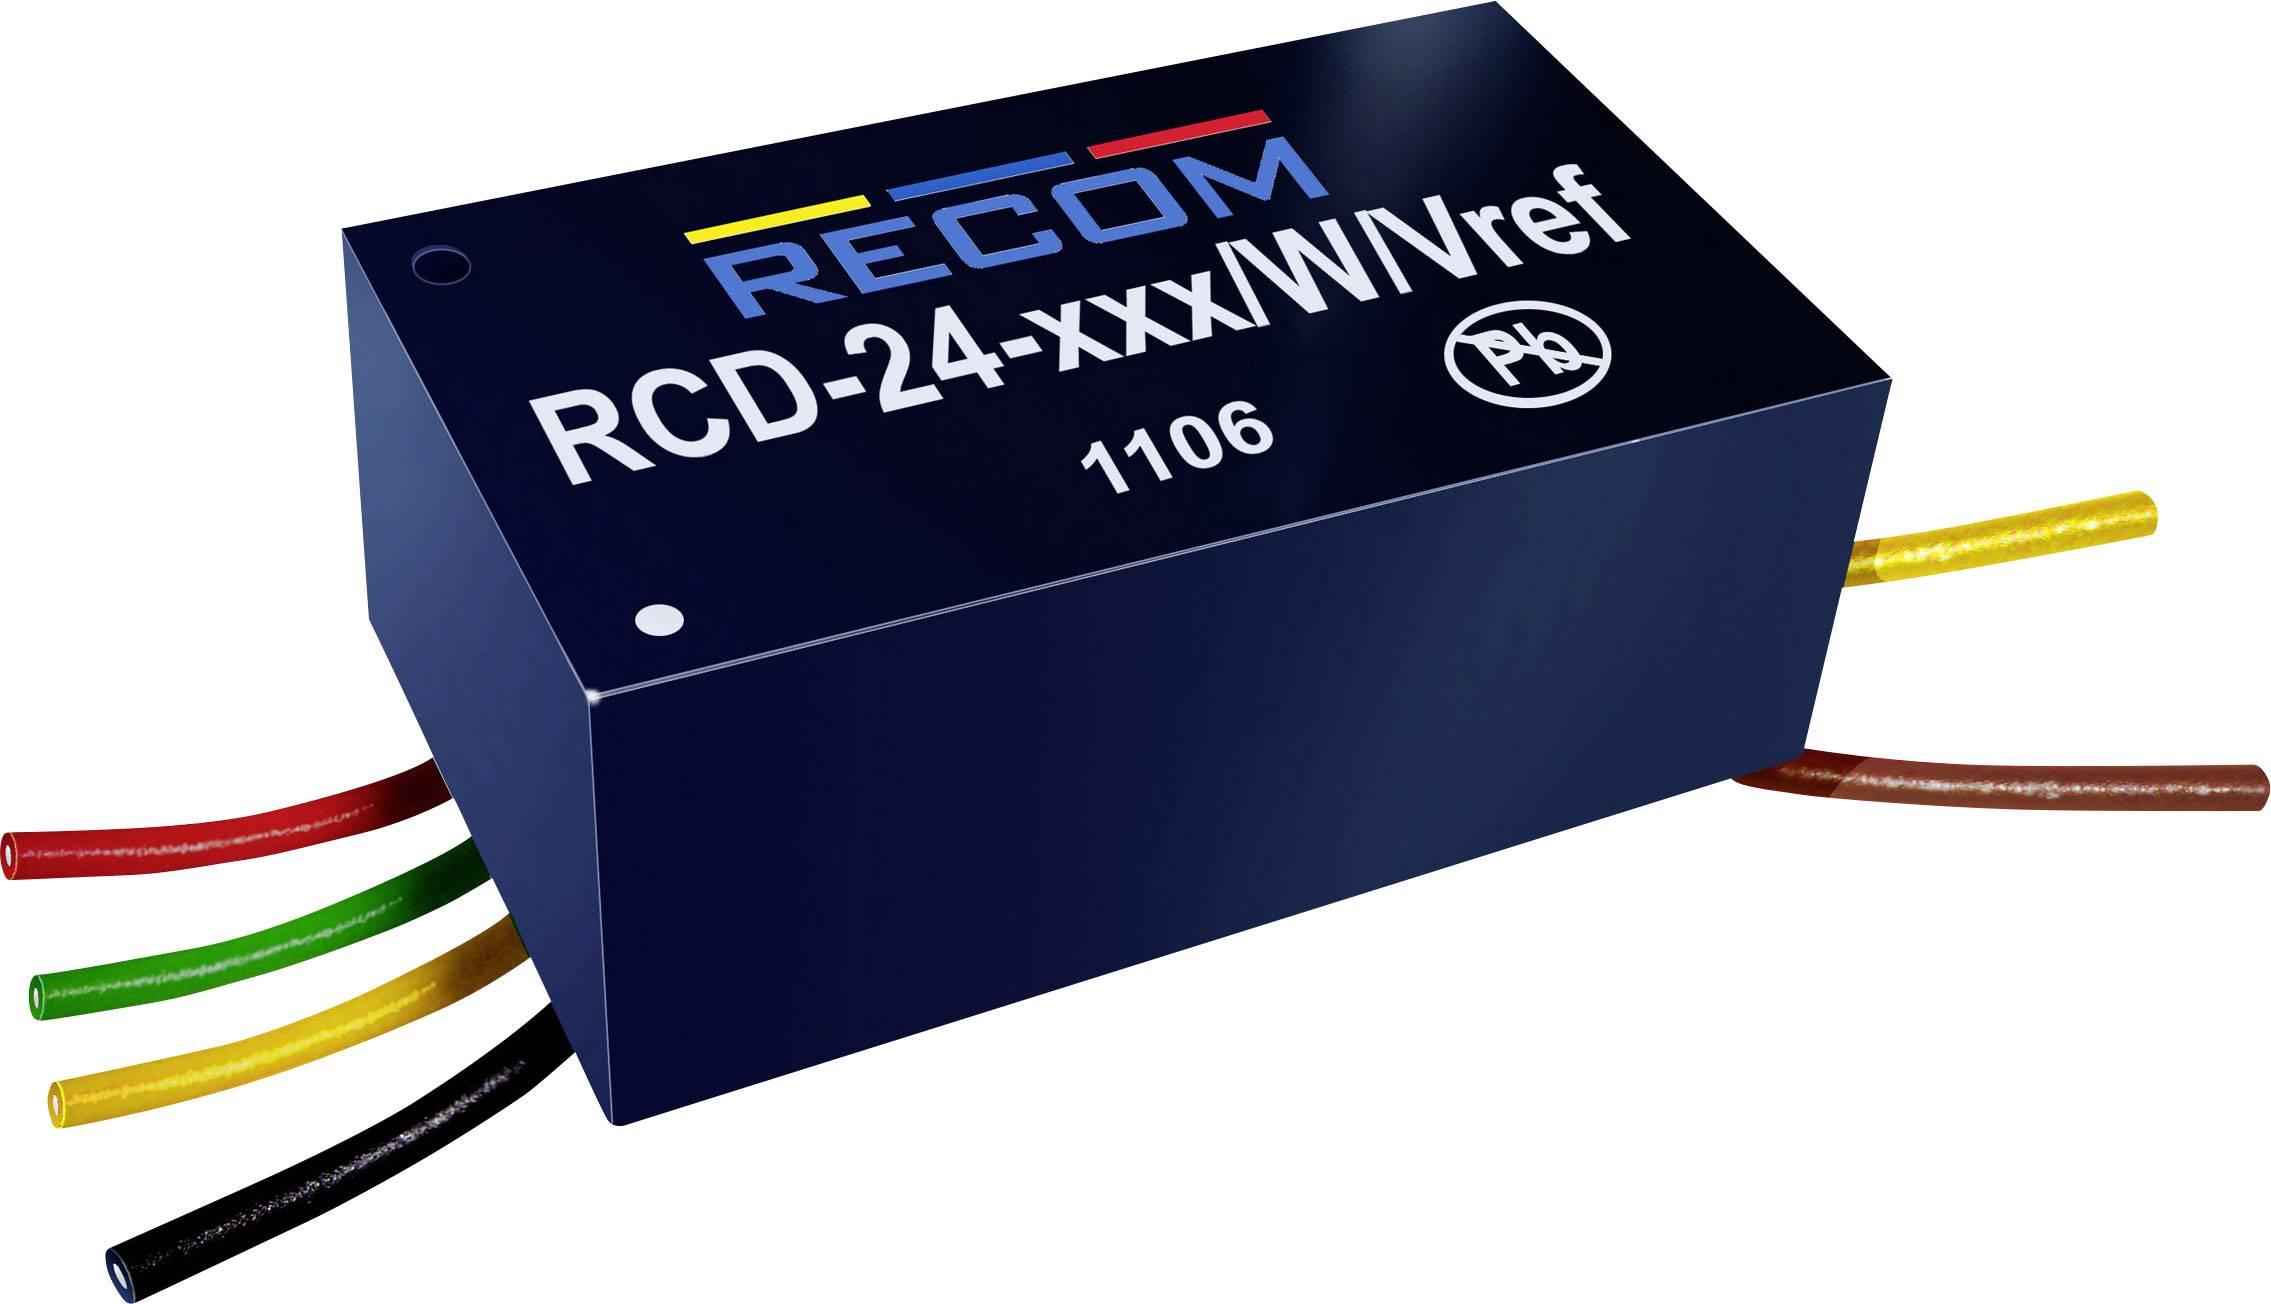 LED driver Recom Lighting RCD-24-0.35/W/Vref (81000013), analog. stmívání, 4.5-36 V/DC